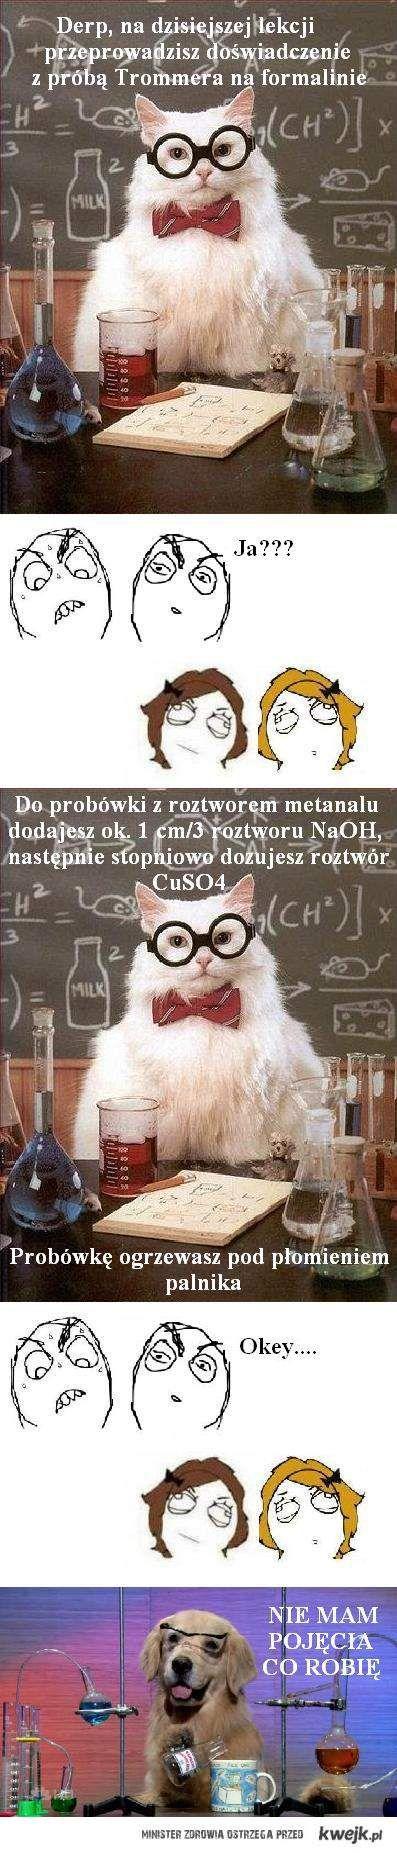 Na lekcji chemii...